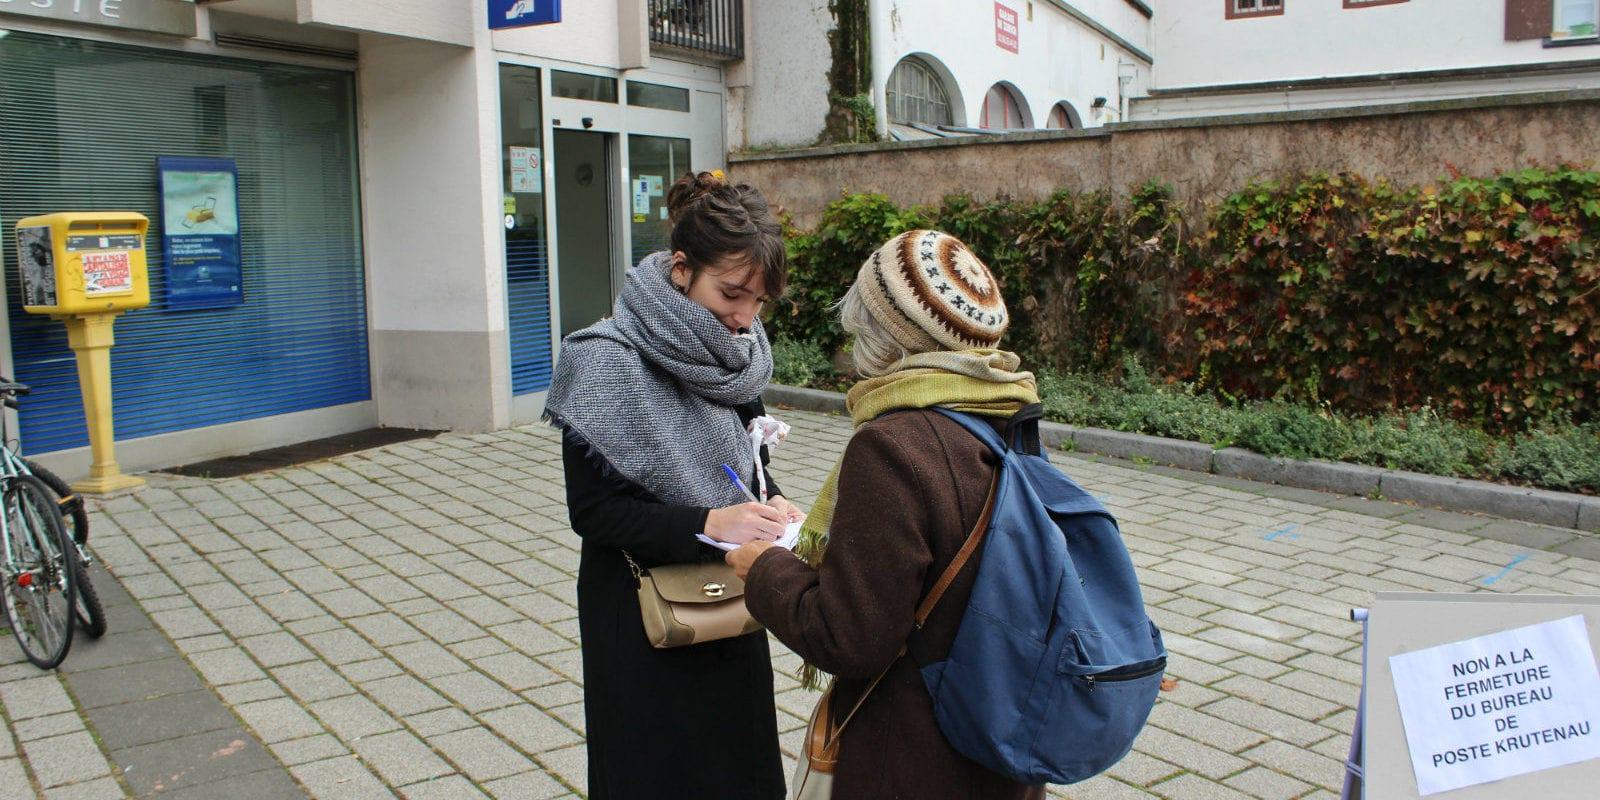 Des habitants de la Krutenau pétitionnent contre la fermeture de la Poste